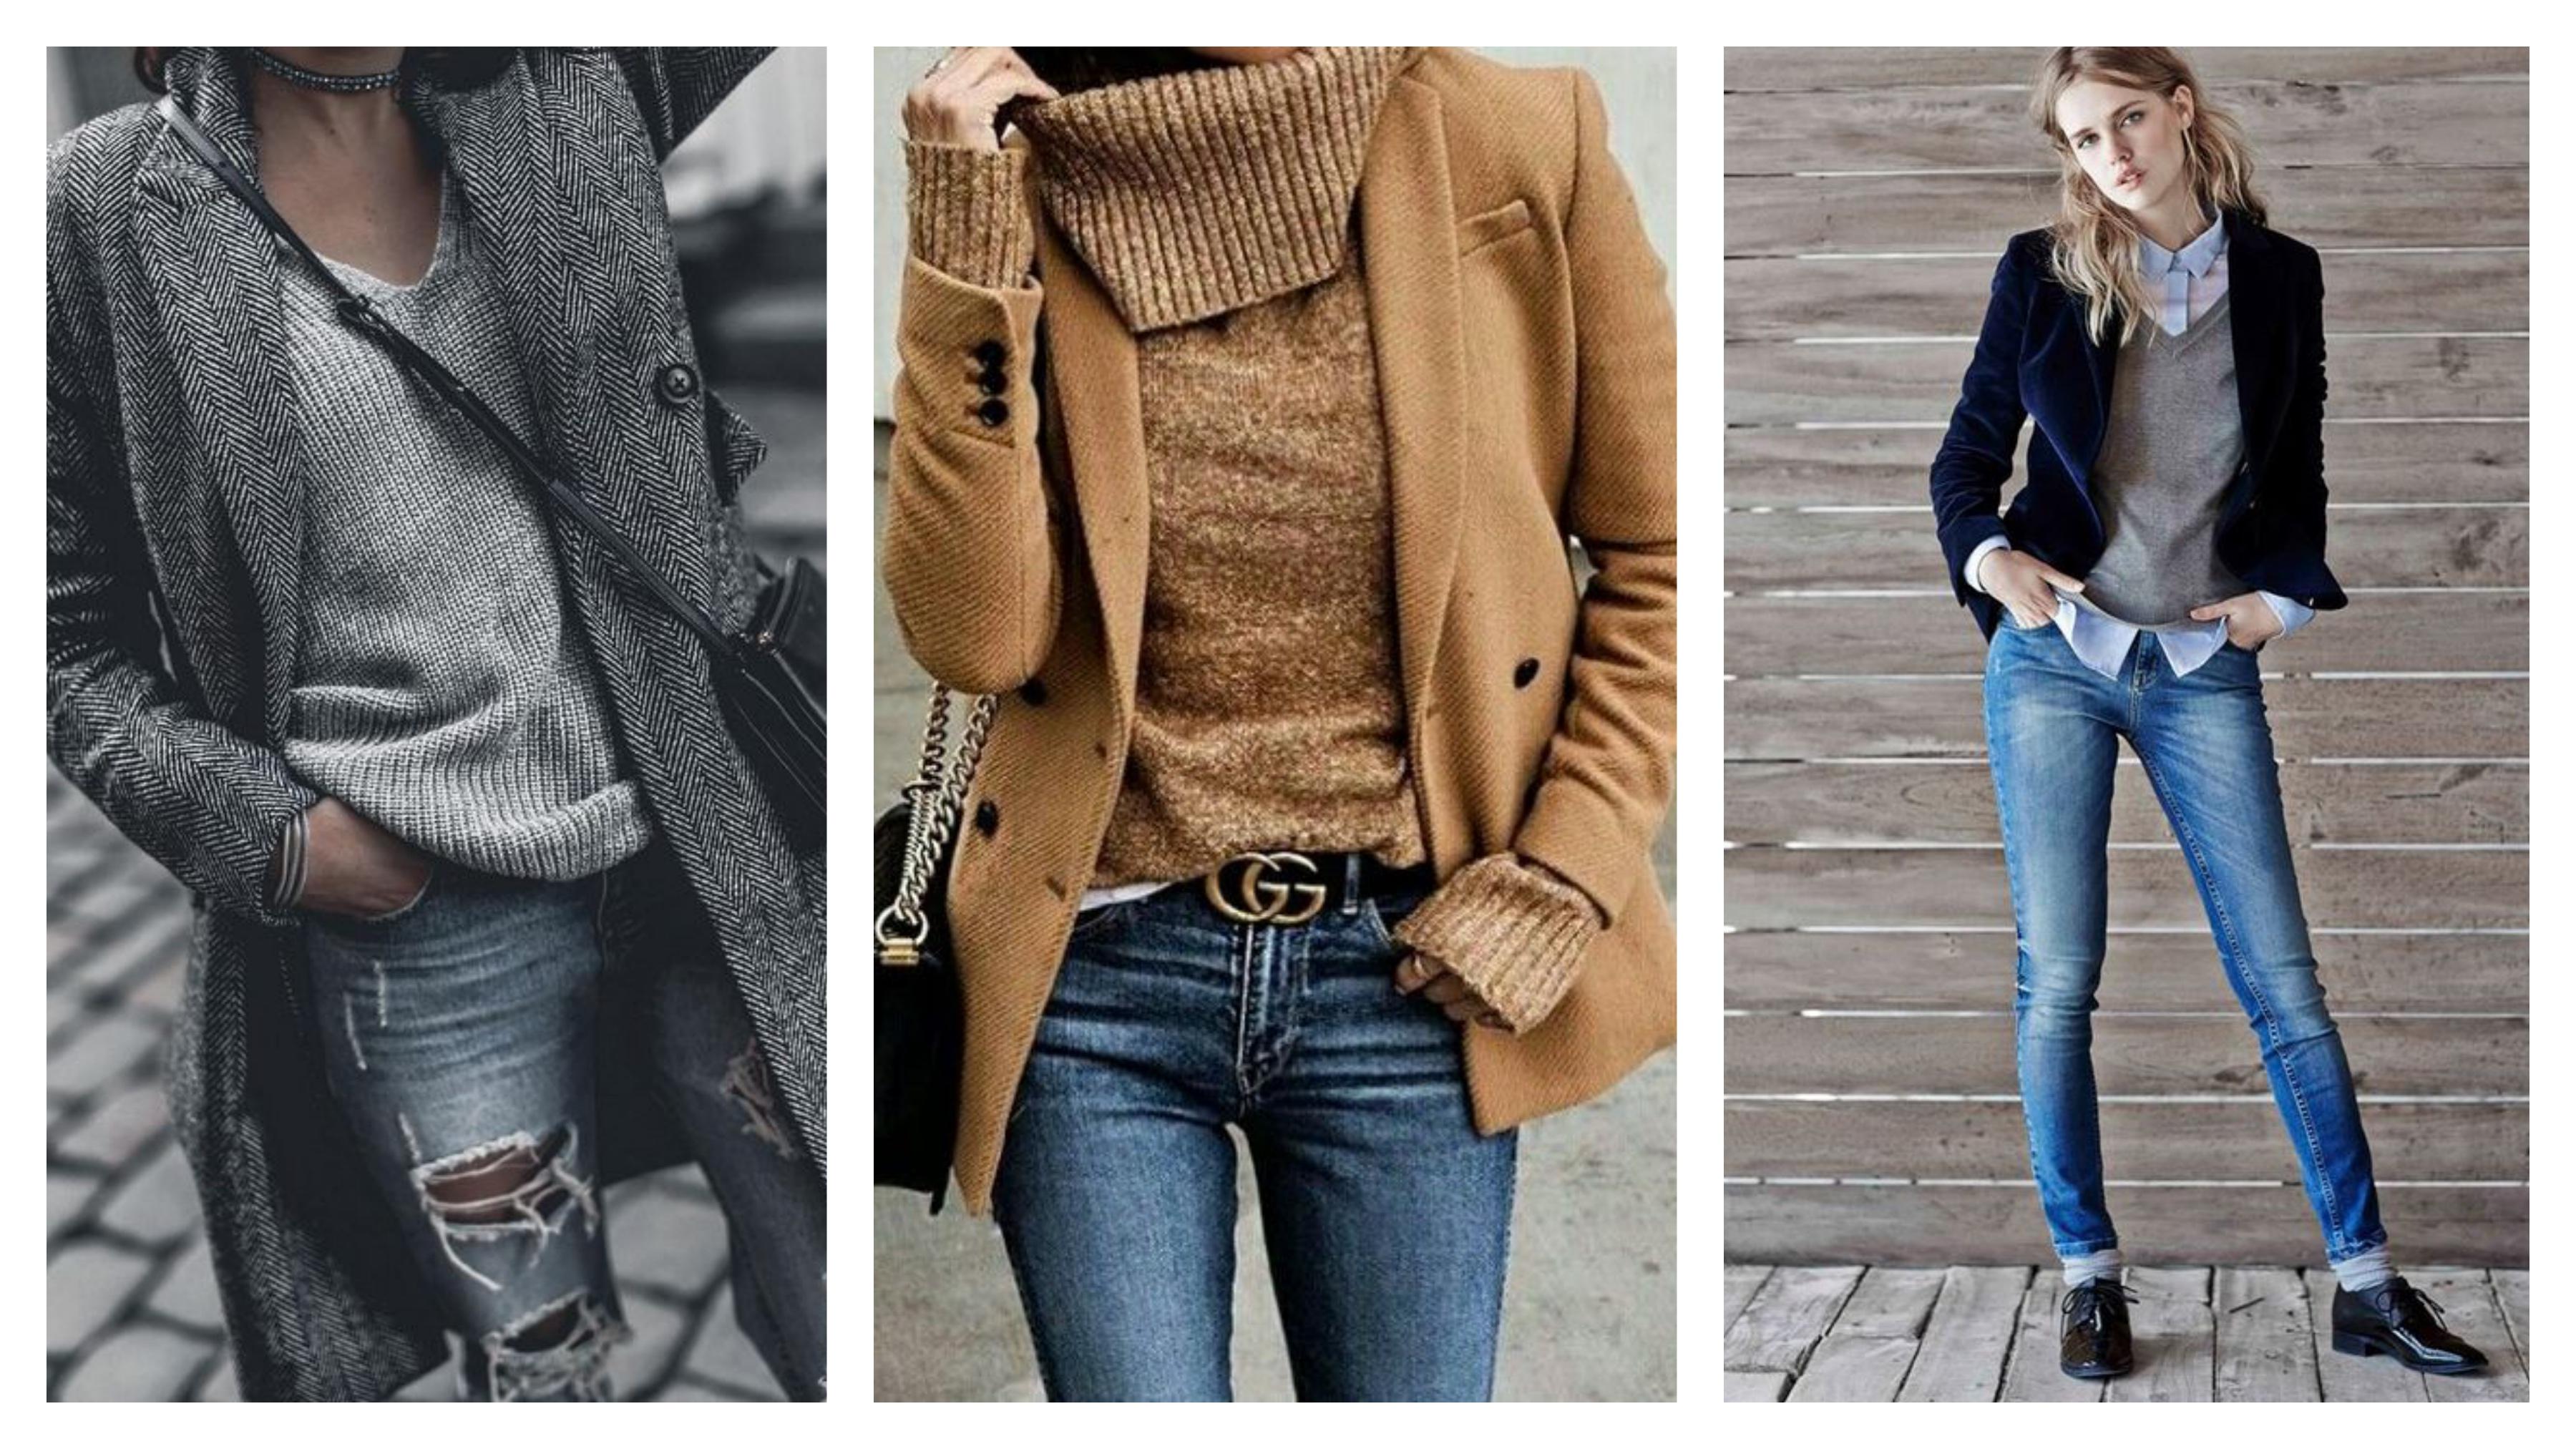 Джинсы, пиджак и свитер